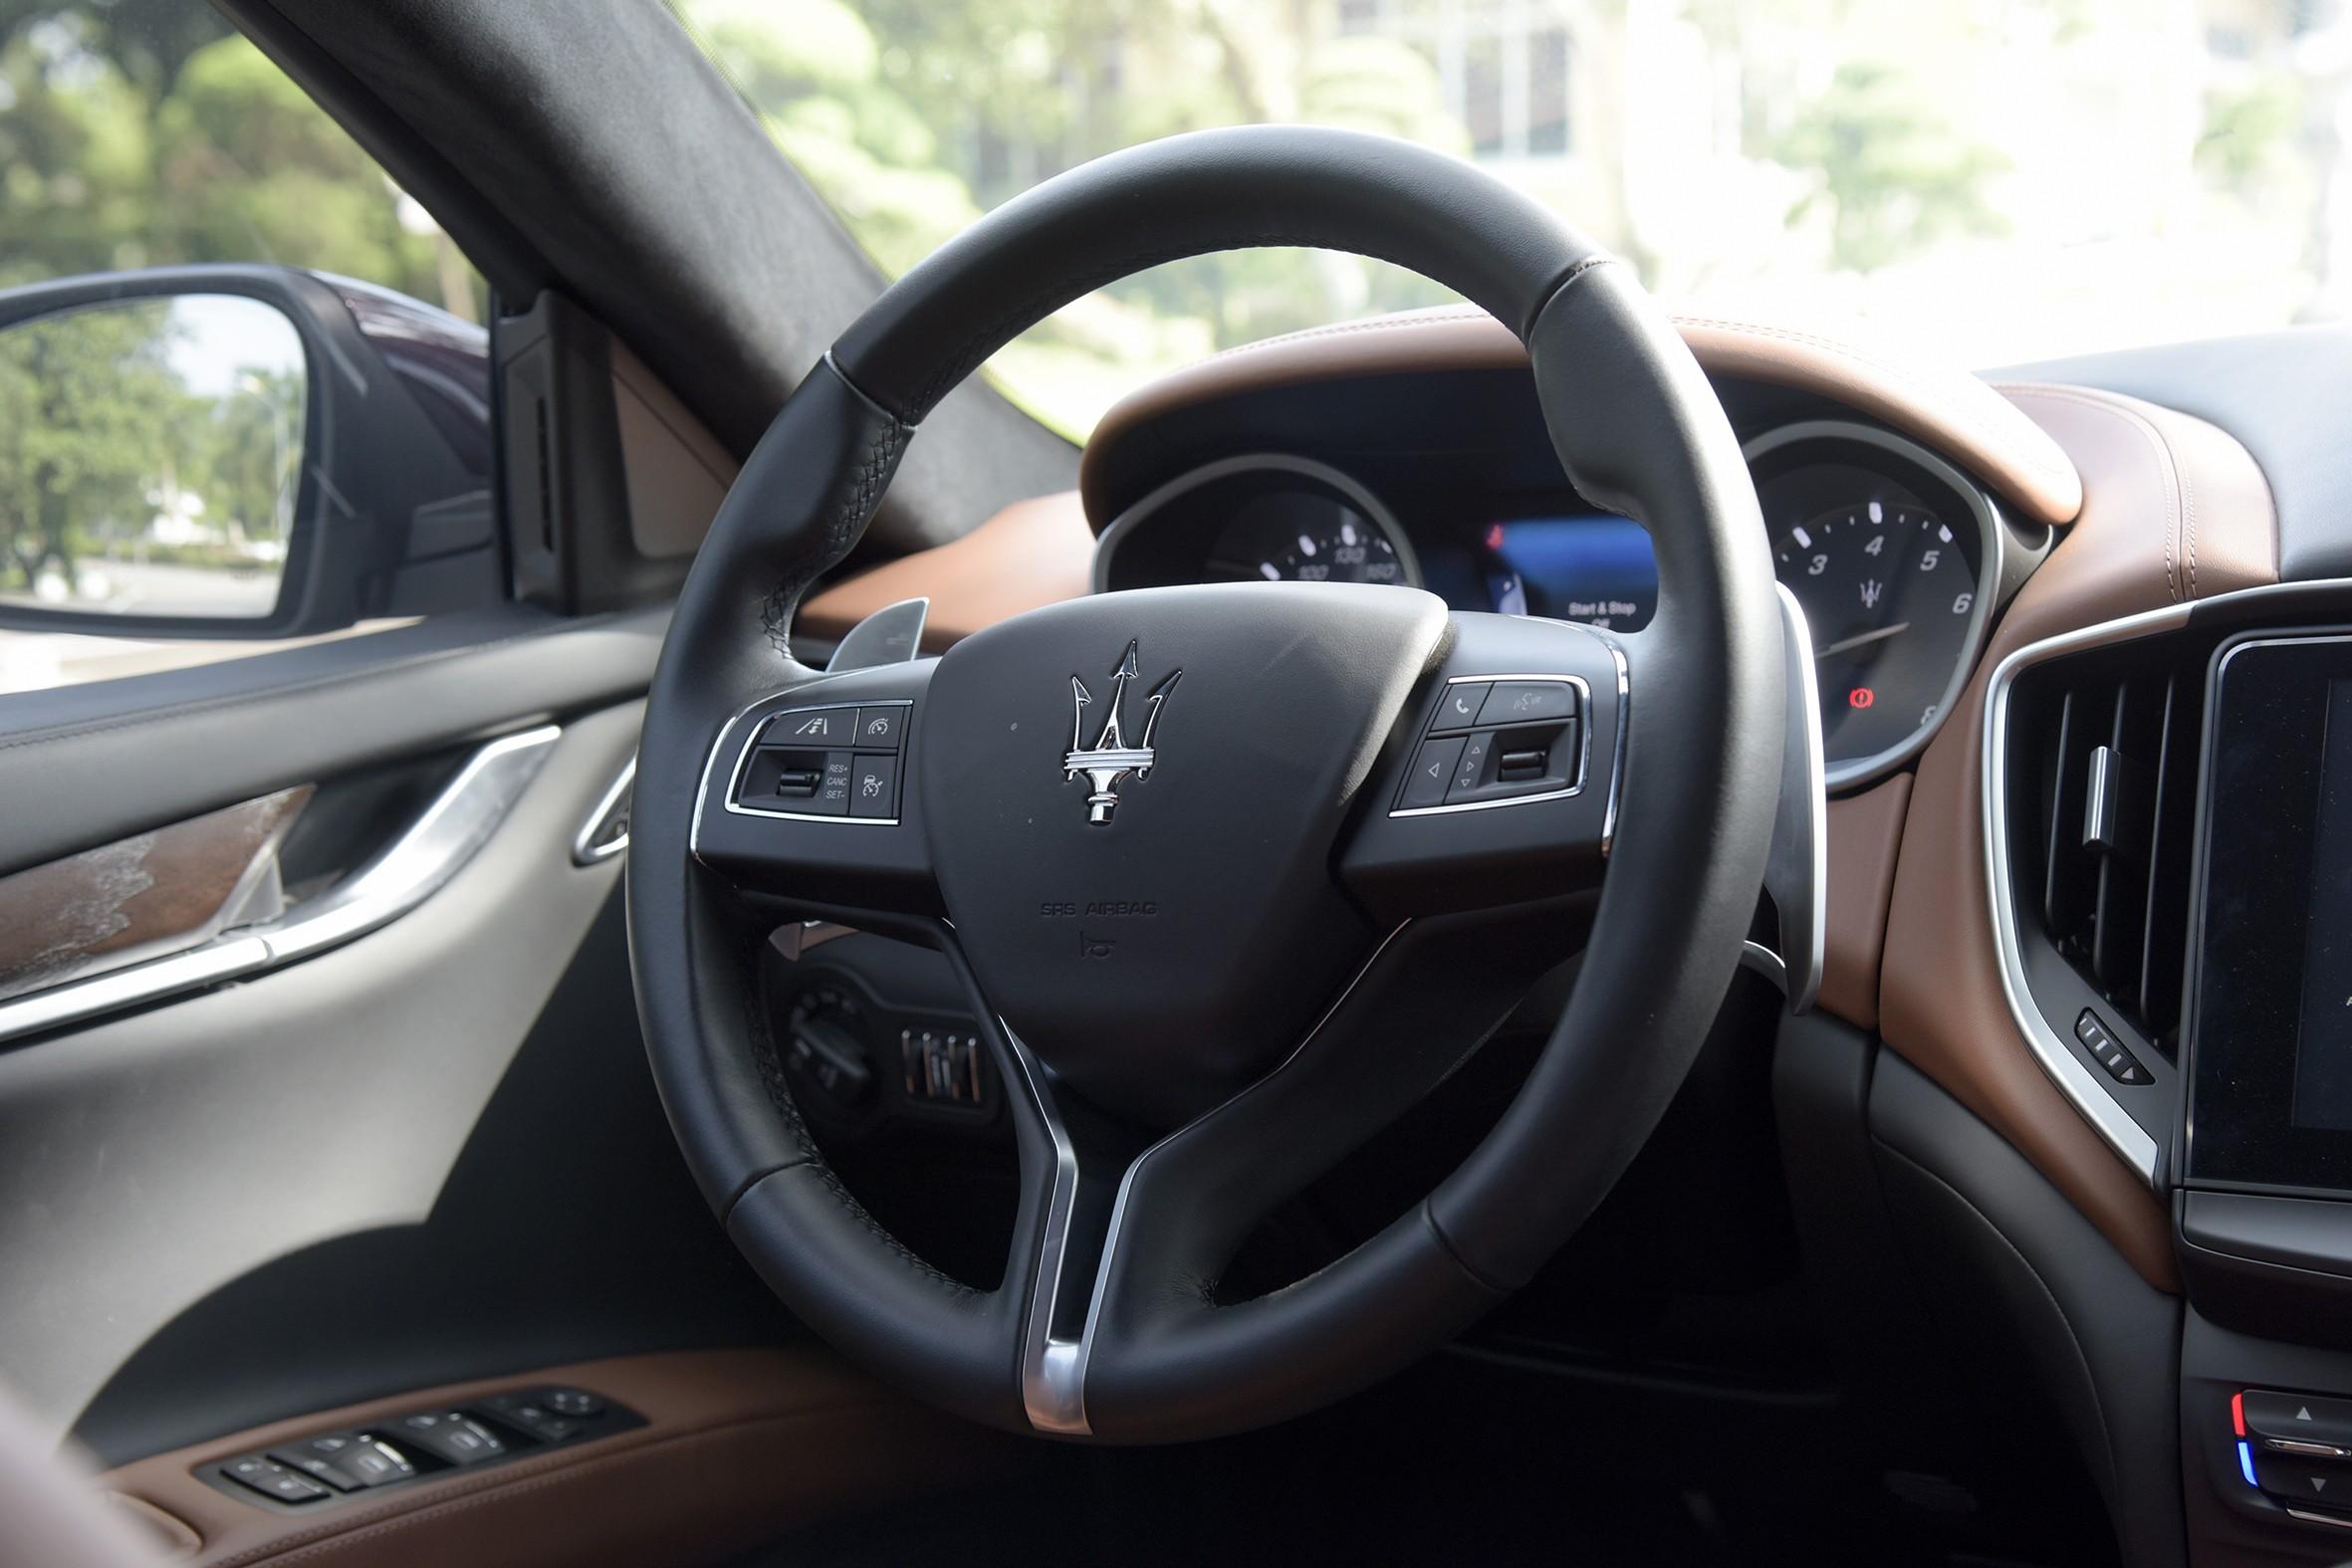 Xe++ - Maserati Ghibli - Sự trở về của vị thần biển cả (Hình 19).